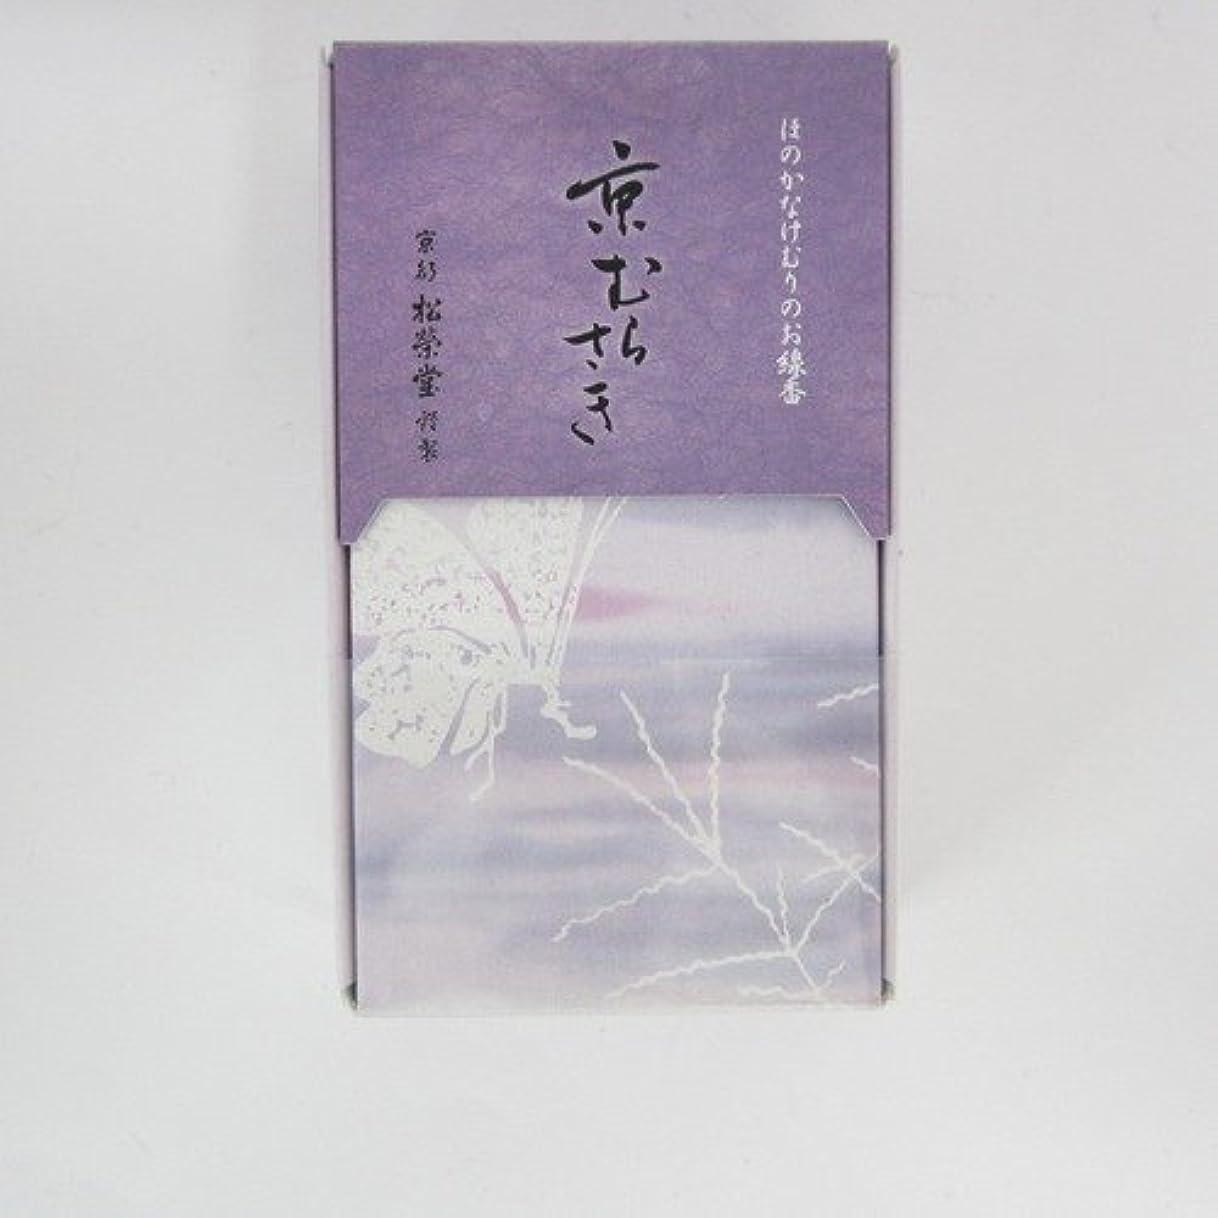 噴火ホステス割り込み松栄堂 玉響シリーズ 京むらさき 45g